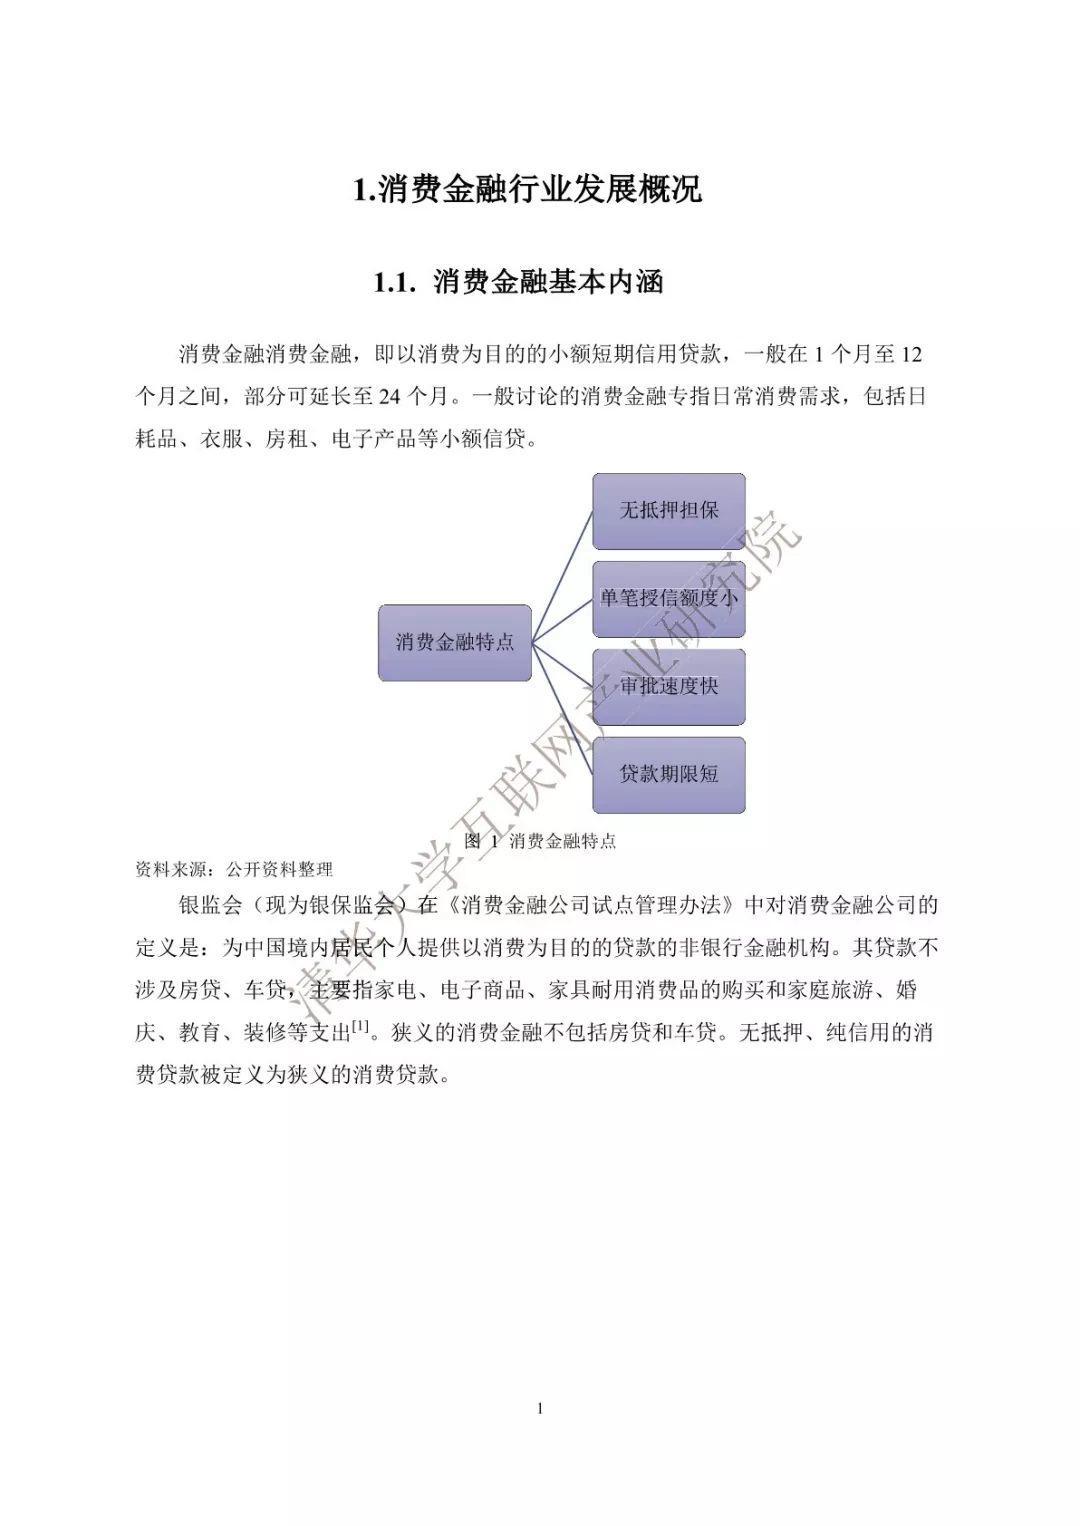 清华大学:2018消费金融产业发展白皮书